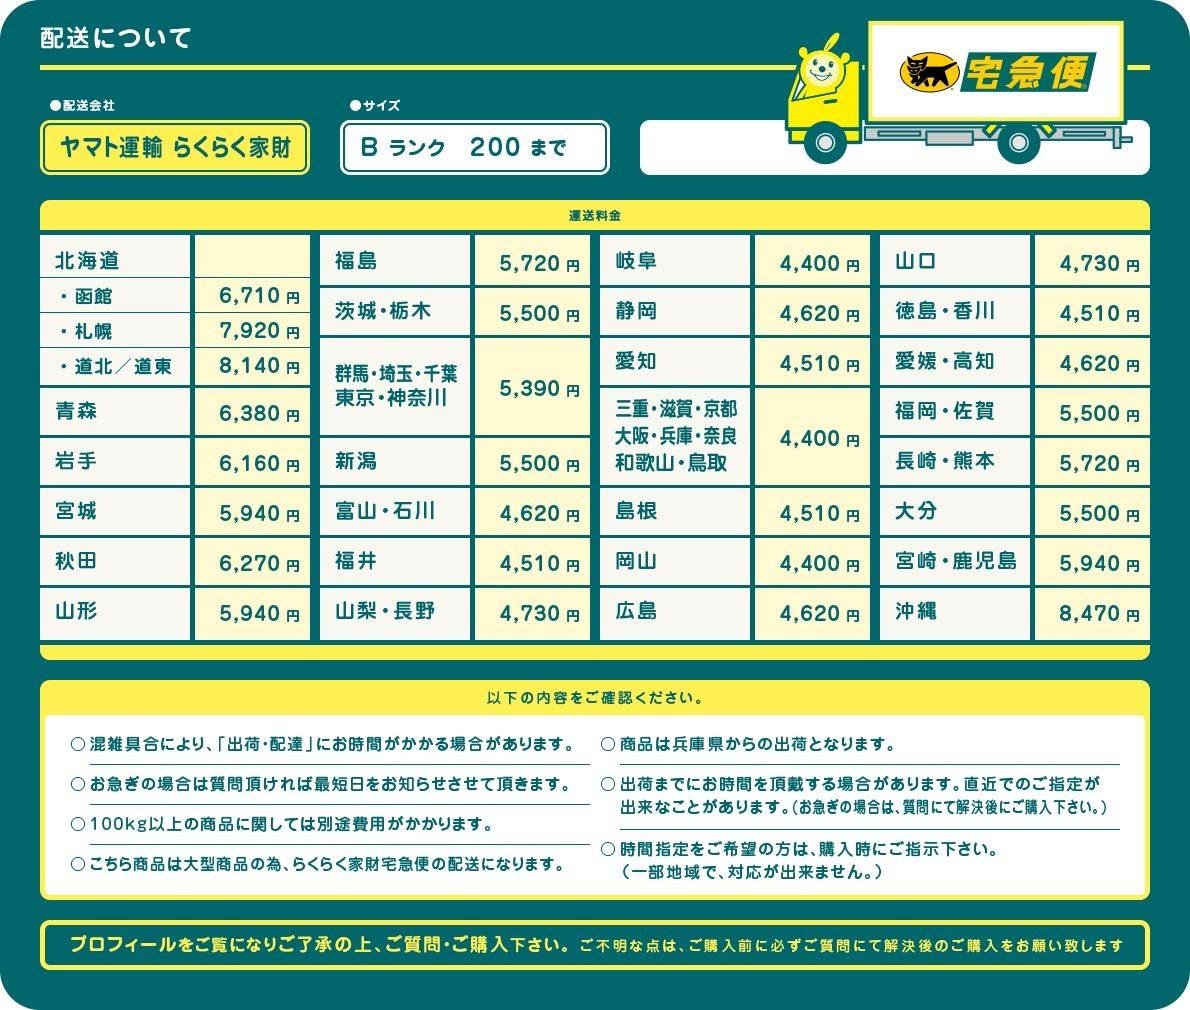 【中古】D▼双日マシナリー forester japan フォルスタージャパン ワインセラー ワインクーラー 83L 約26本収納 100V FJC-85G (16517)_画像10